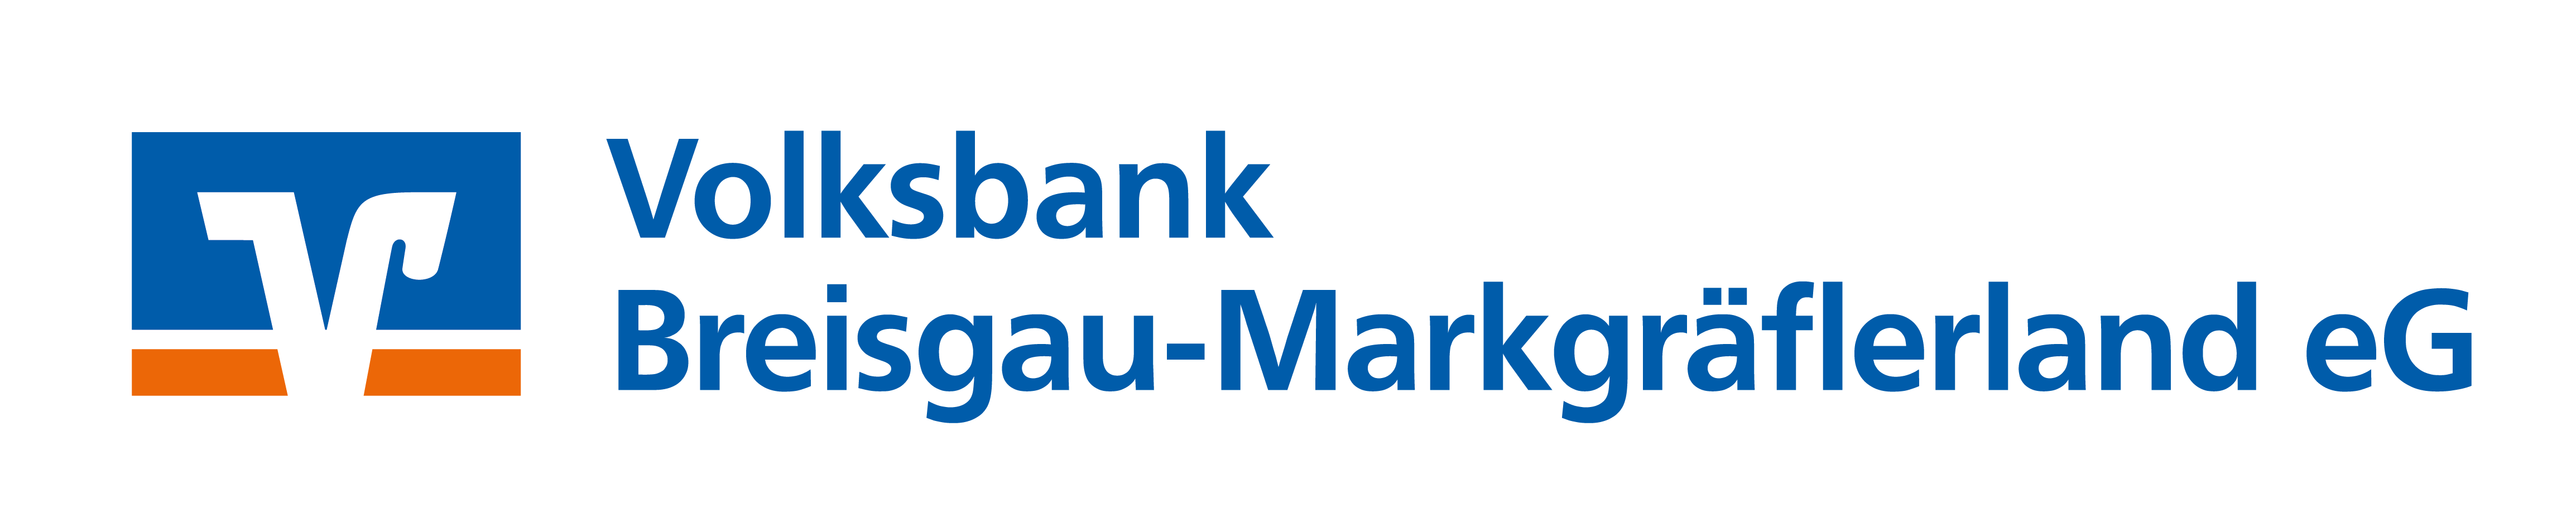 Ausbildung bei der Volksbank Breisgau-Markgräflerland eG